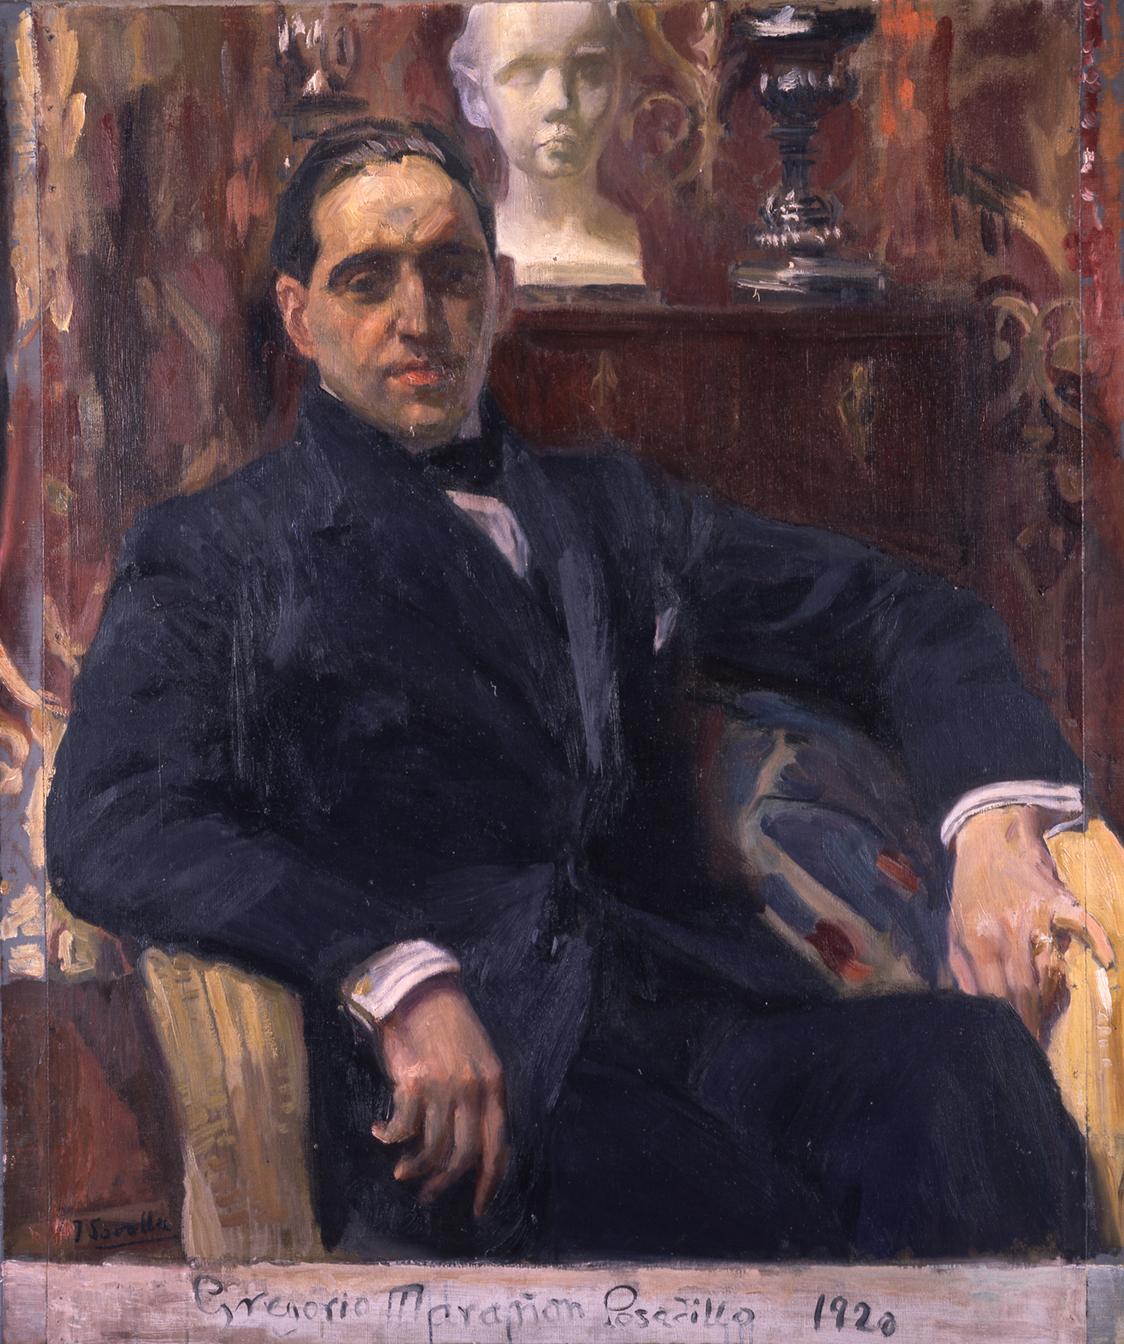 Gregorio Marañón retratado por Sorolla.